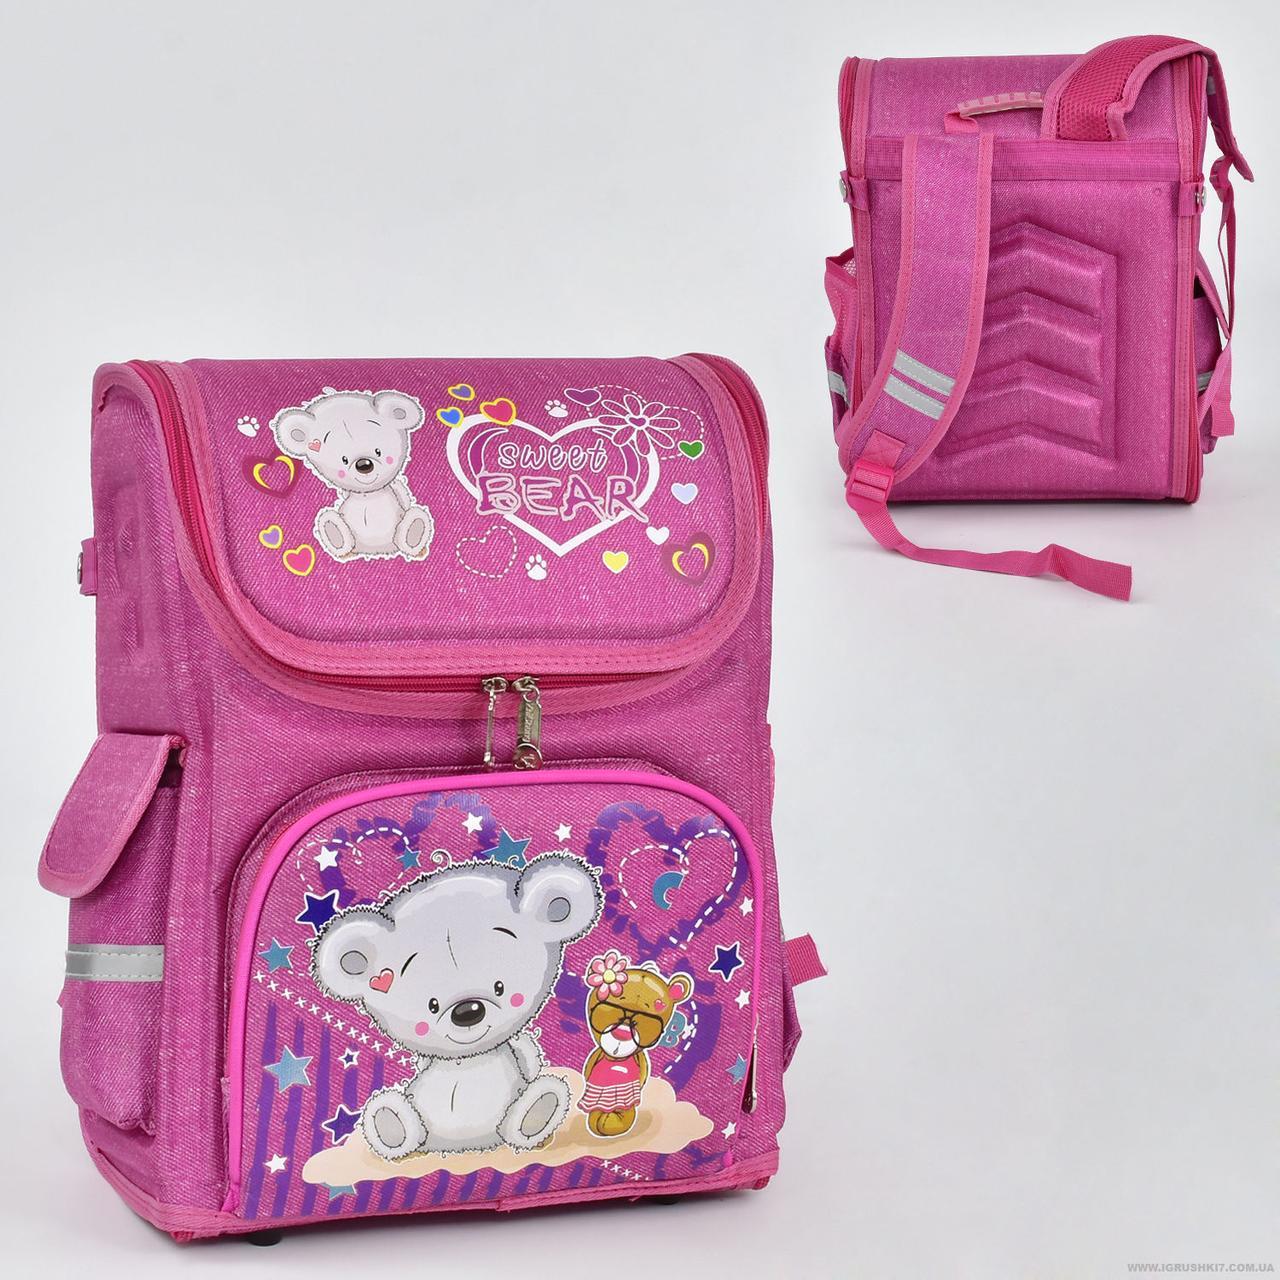 Рюкзак школьный каркасный N 00129, 1 отделение, 3 кармана, спинка ортопедическая